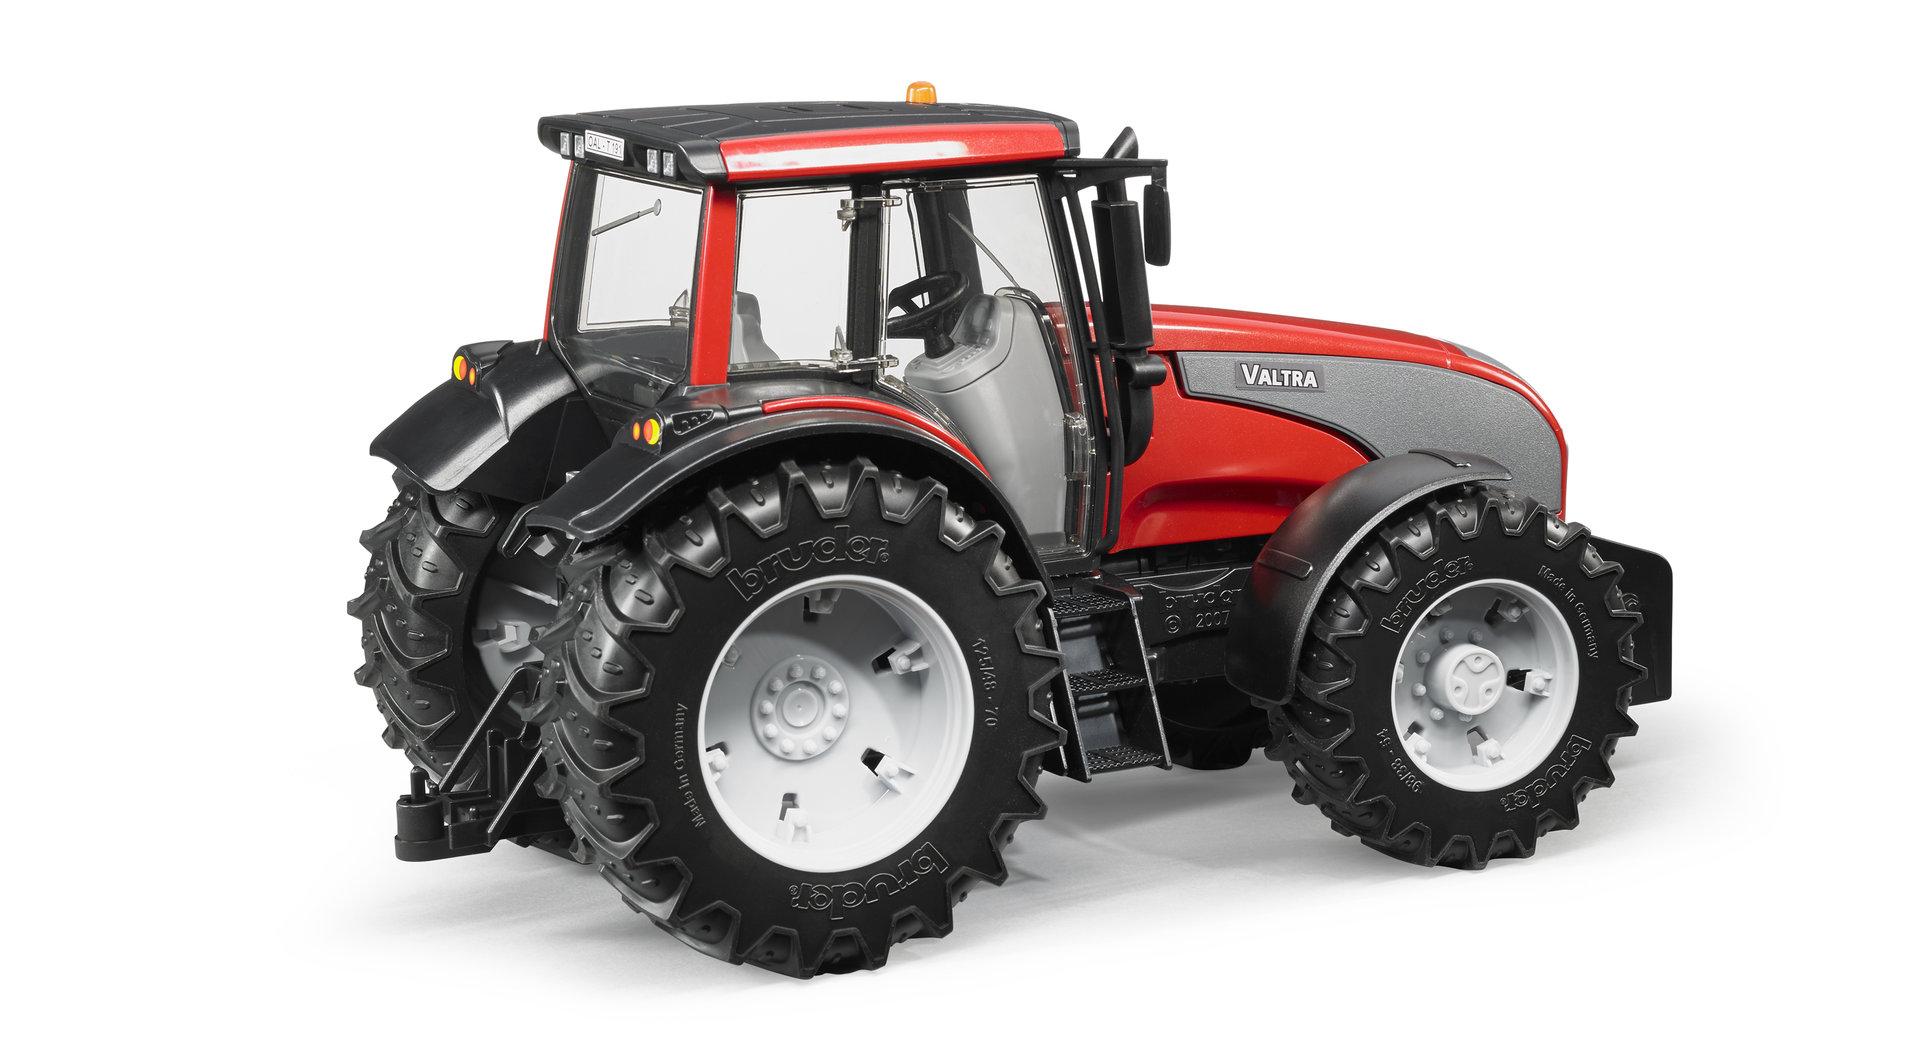 valtra t 191 traktor bruder bruder traktor online kaufen. Black Bedroom Furniture Sets. Home Design Ideas